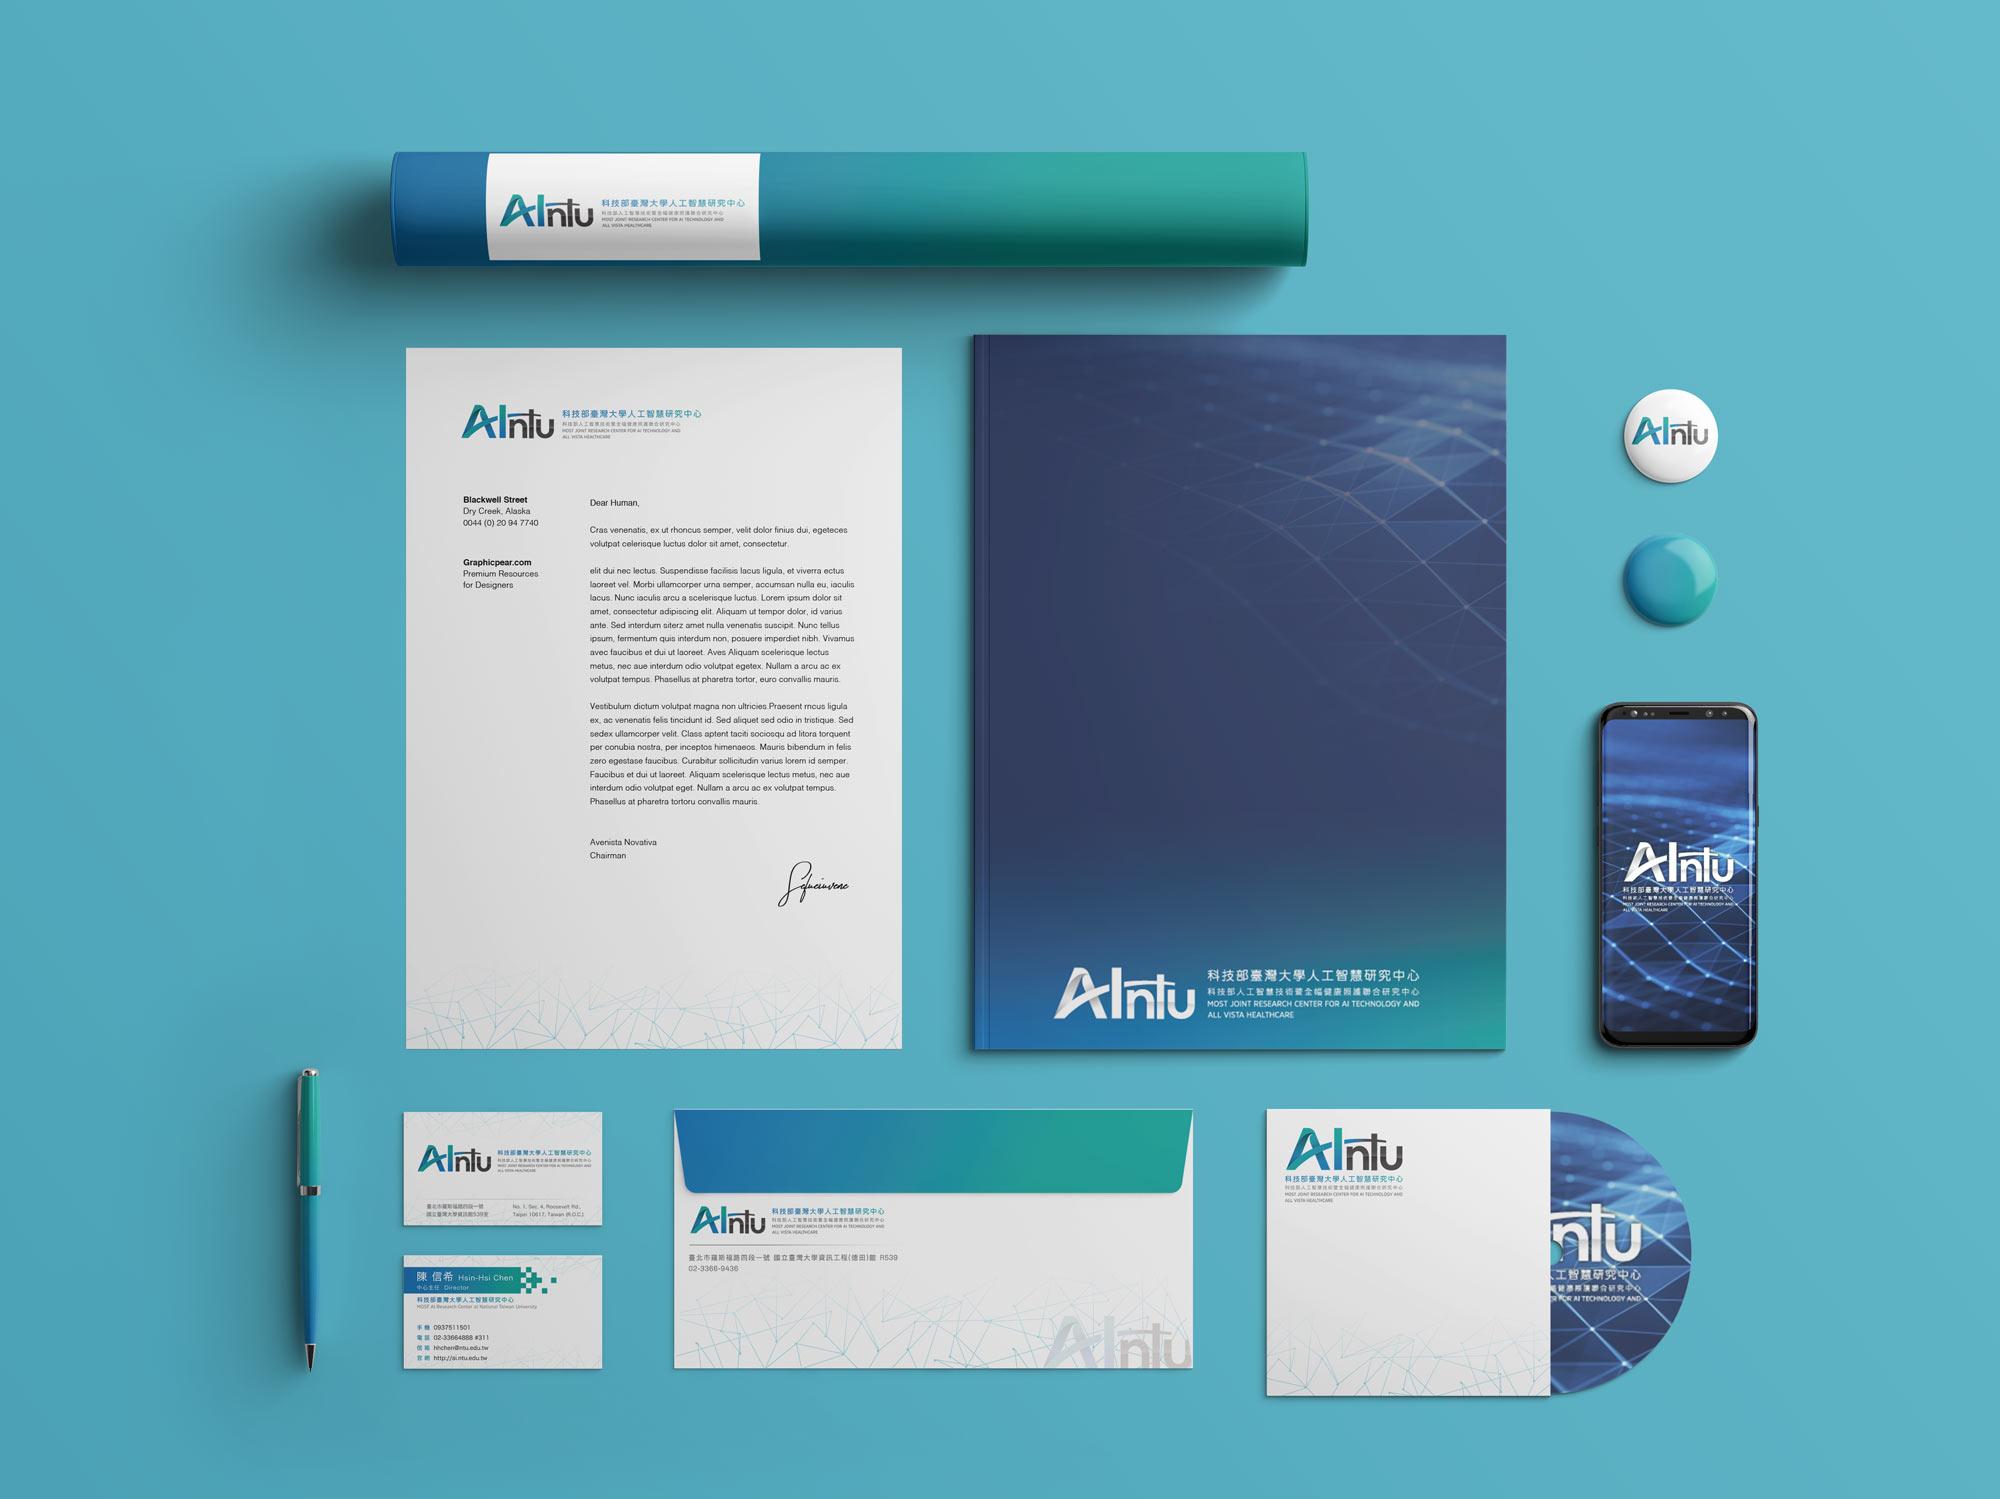 aintu_mockup-官方網頁設計,官方網站設計, 品牌網站設計, 網站設計, 網頁設計, 響應式網頁設計, 公司網站設計, 公司網站, 產品網站, LOGO設計, 設計LOGO, 設計品牌, 創意設計, 品牌設計, 商標設計, 平面設計, 視覺設計, 名片設計, 產品設計, 包裝設計, 網頁設計, 網站設計, CIS企業識別設計, CIS, LOGO, DESIGN, brochure, Flyeraintu_mockup_網站設計_網頁設計_響應式網頁設計_公司網站設計_公司網站_產品網站_LOGO設計_設計LOGO_設計品牌_創意設計_品牌設計_商標設計_平面設計_視覺設計_名片設計_產品設計_包裝設計_網頁設計_網站設計_CIS企業識別設計_CIS_LOGO_DESIGN_brochure_Flyer